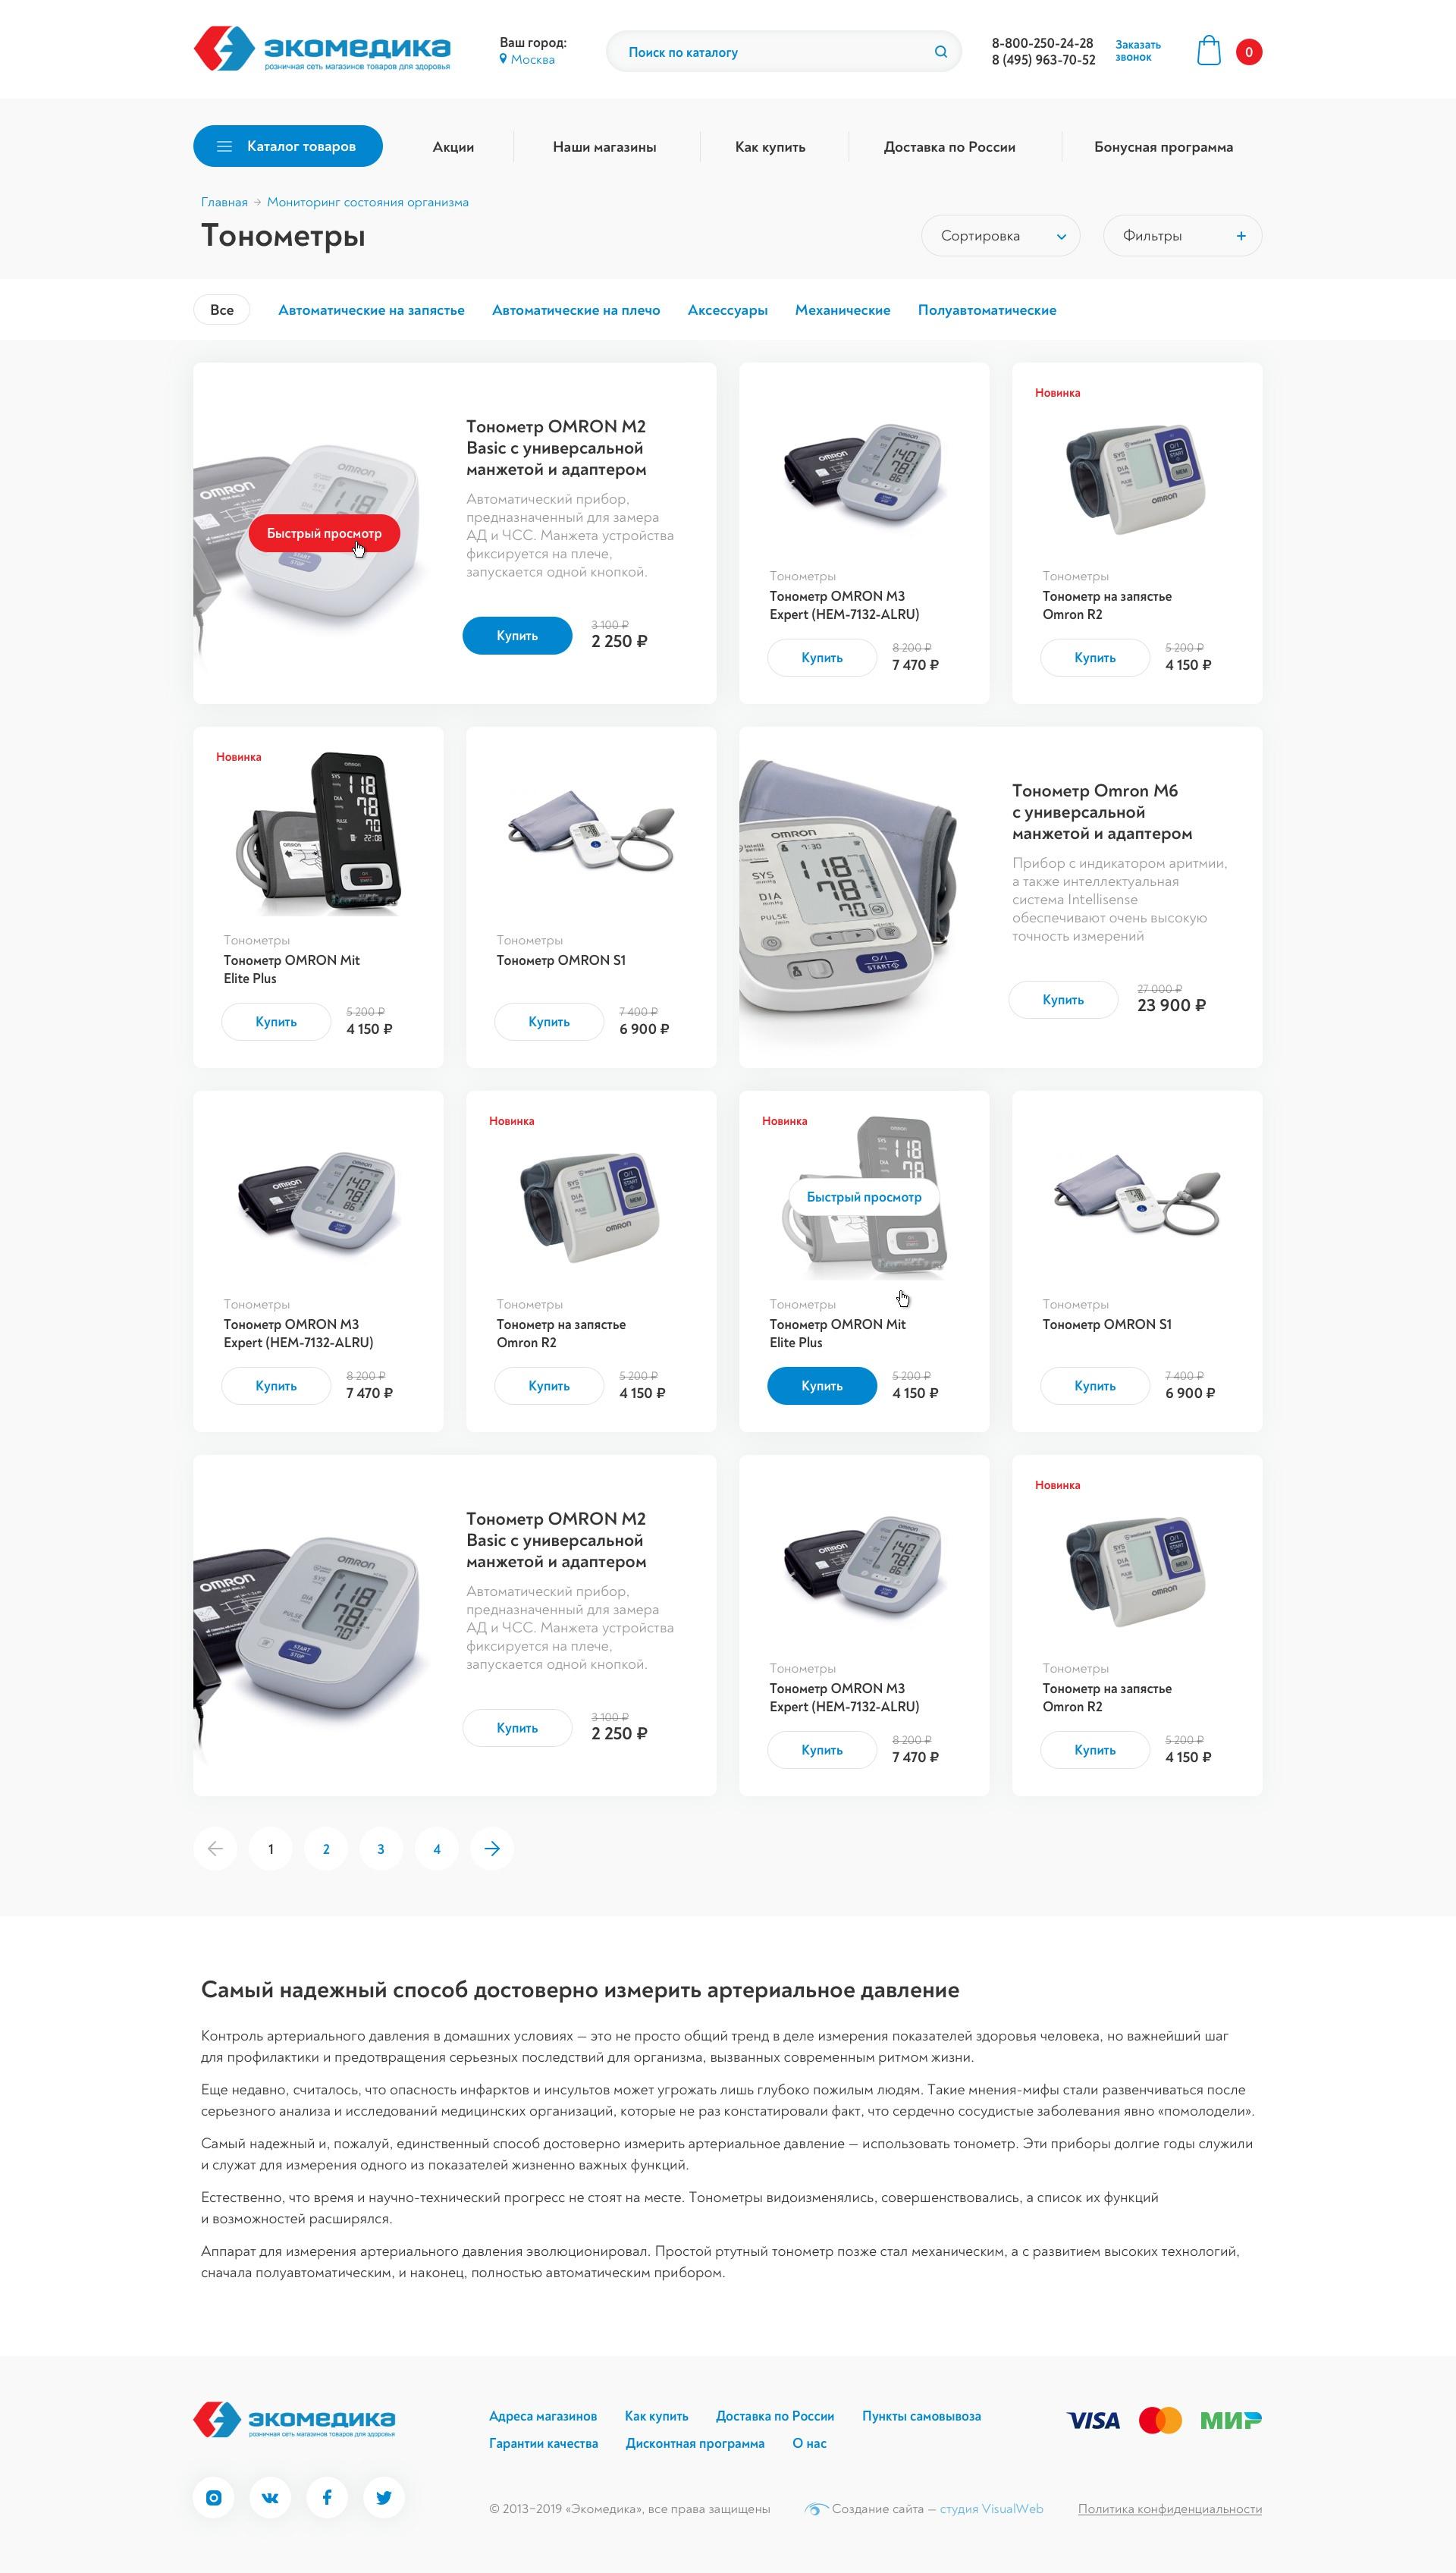 Каталог товаров с фильтрами и популярными разделами